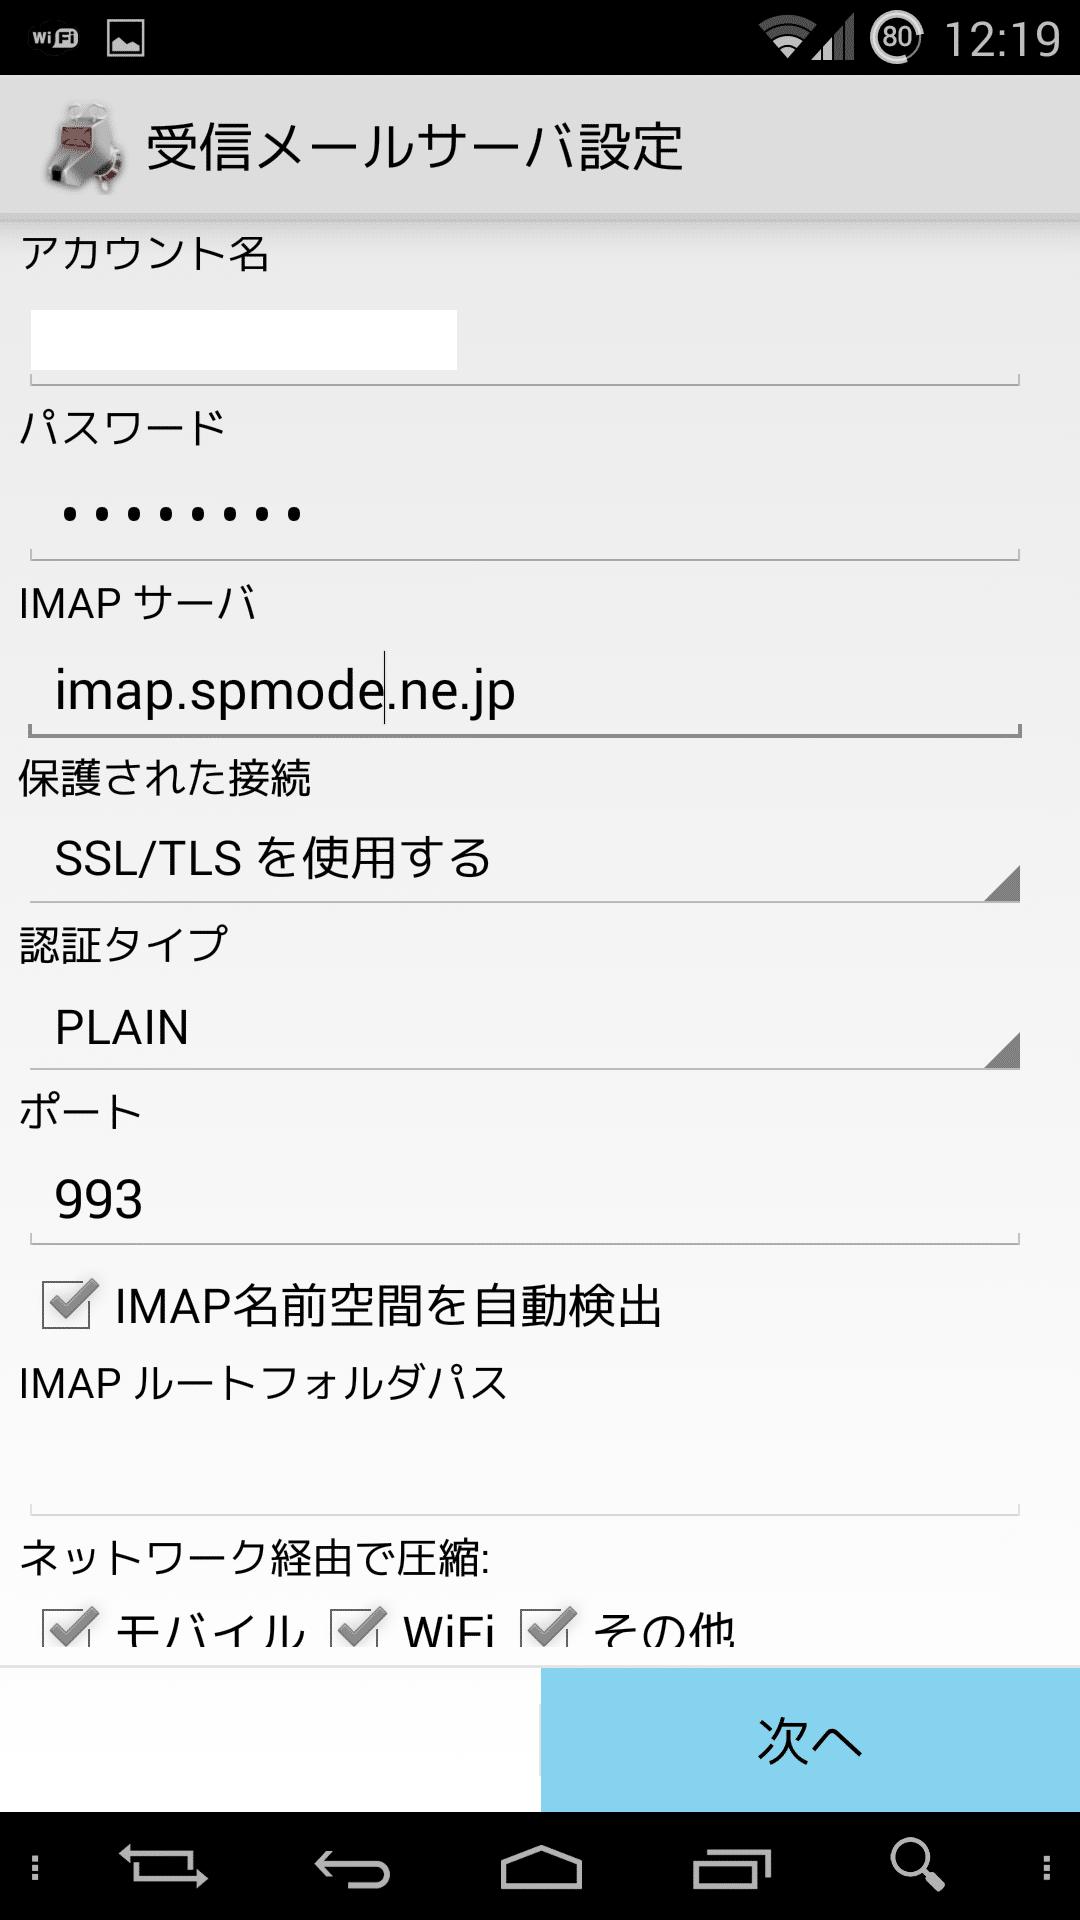 パスワード imap ドコモ メール